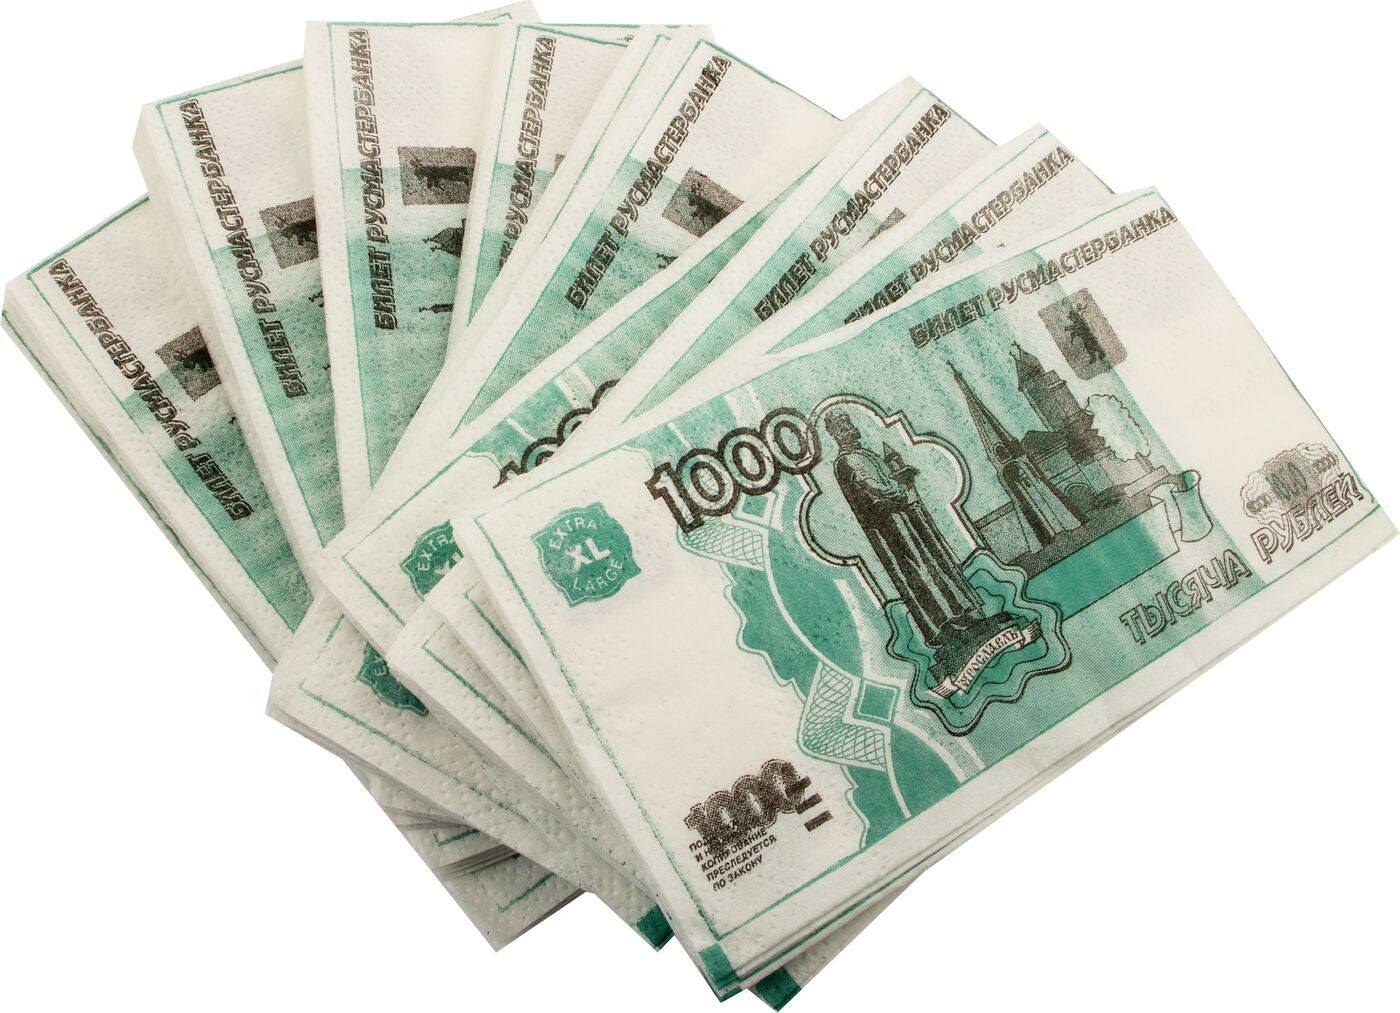 палитра разных картинки банкноты в пачках такой валентинки лучше